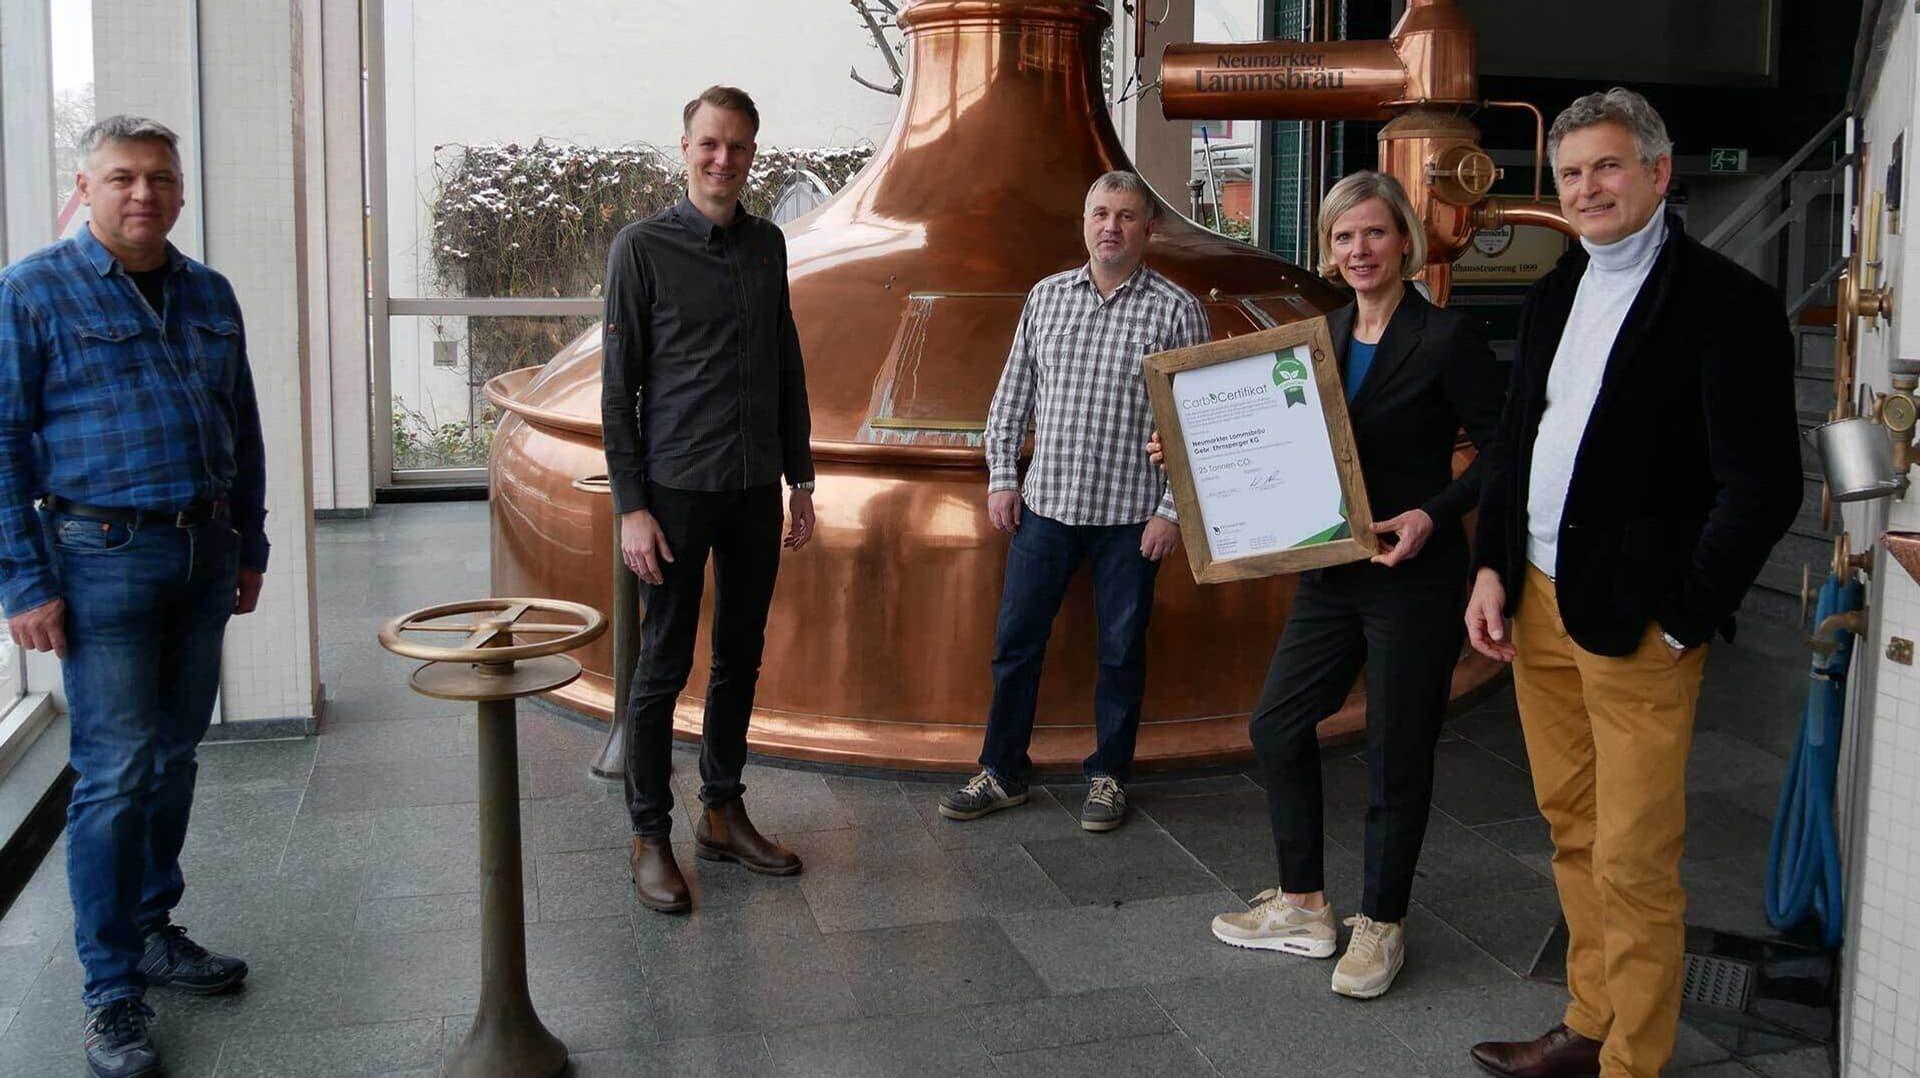 ammsbräu-Chef Johannes Ehrnsperger (2.v.l.) und die EZÖB-Bauern Werner Schwarz und Alexander Walter erhalten Zertifikat der Carbo Cert GmbH